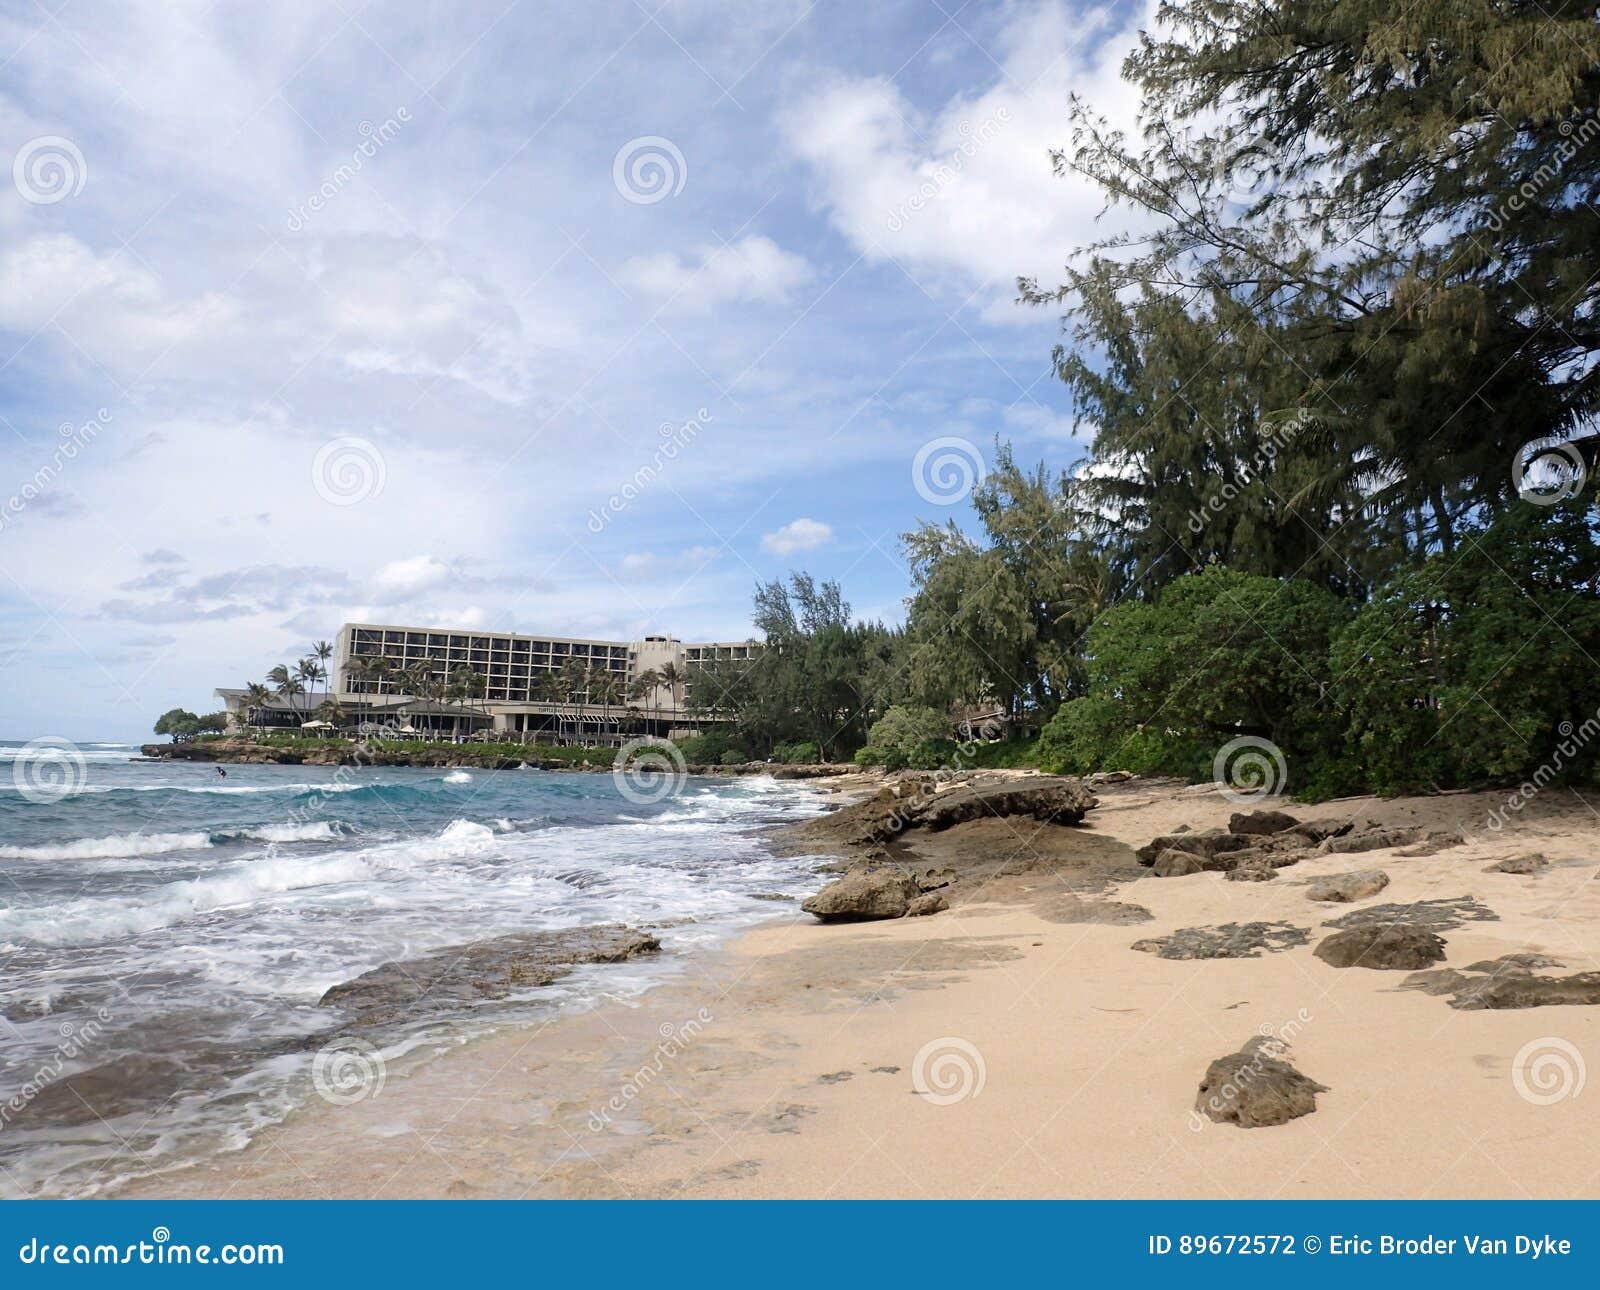 e9f2022c39 Beach at Turtle Bay